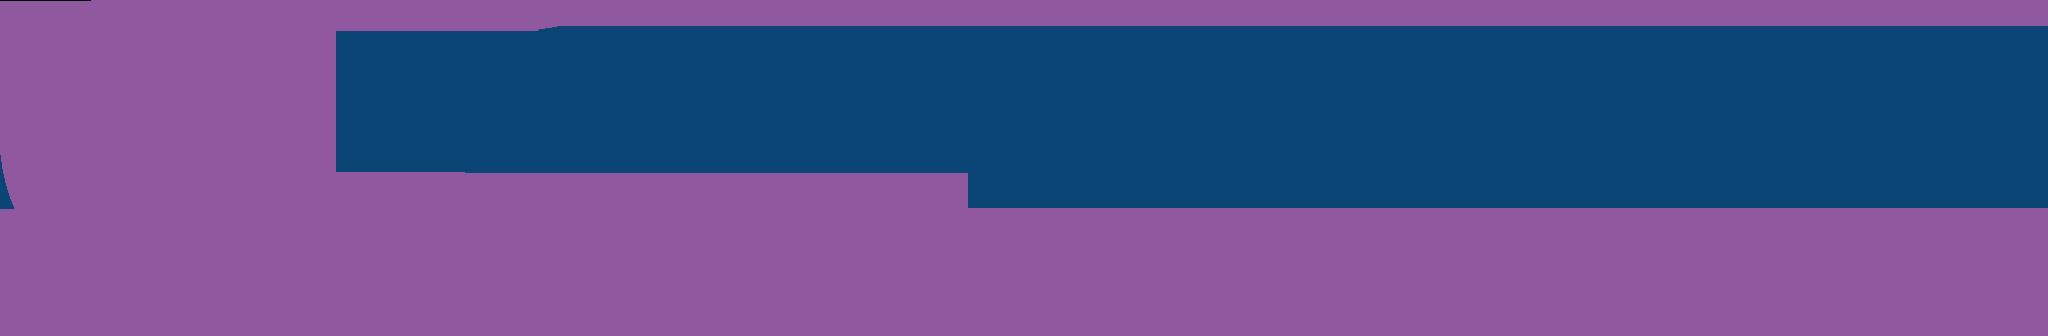 Baltic Expert Witness Association Logo